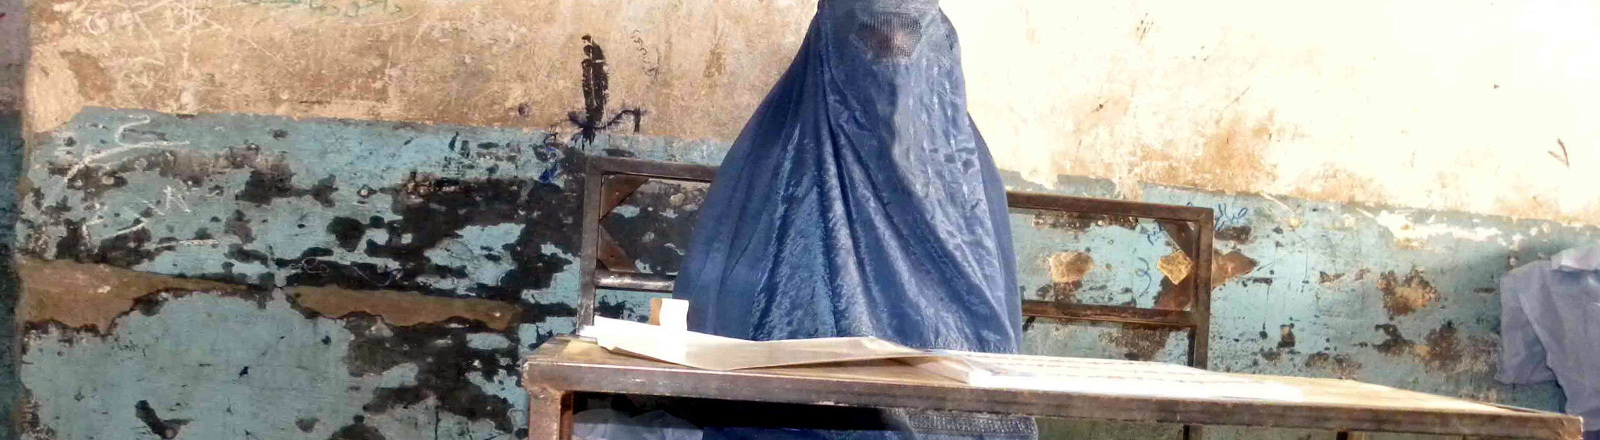 Frau in Afghanistan.